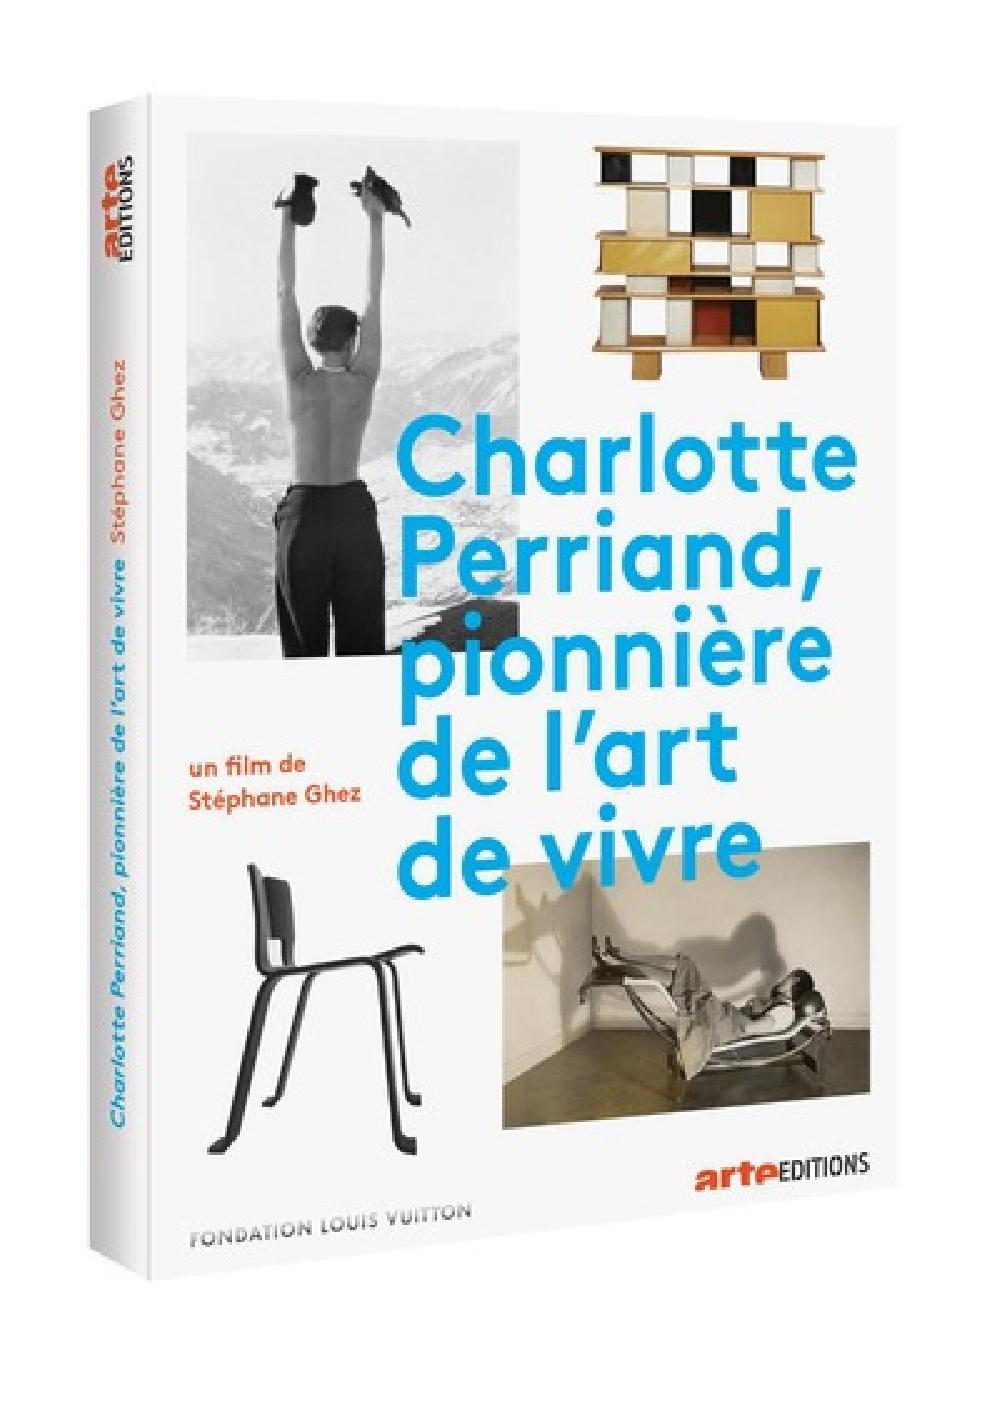 Charlotte Perriand, pionnière de l'art de vivre ( DVD )